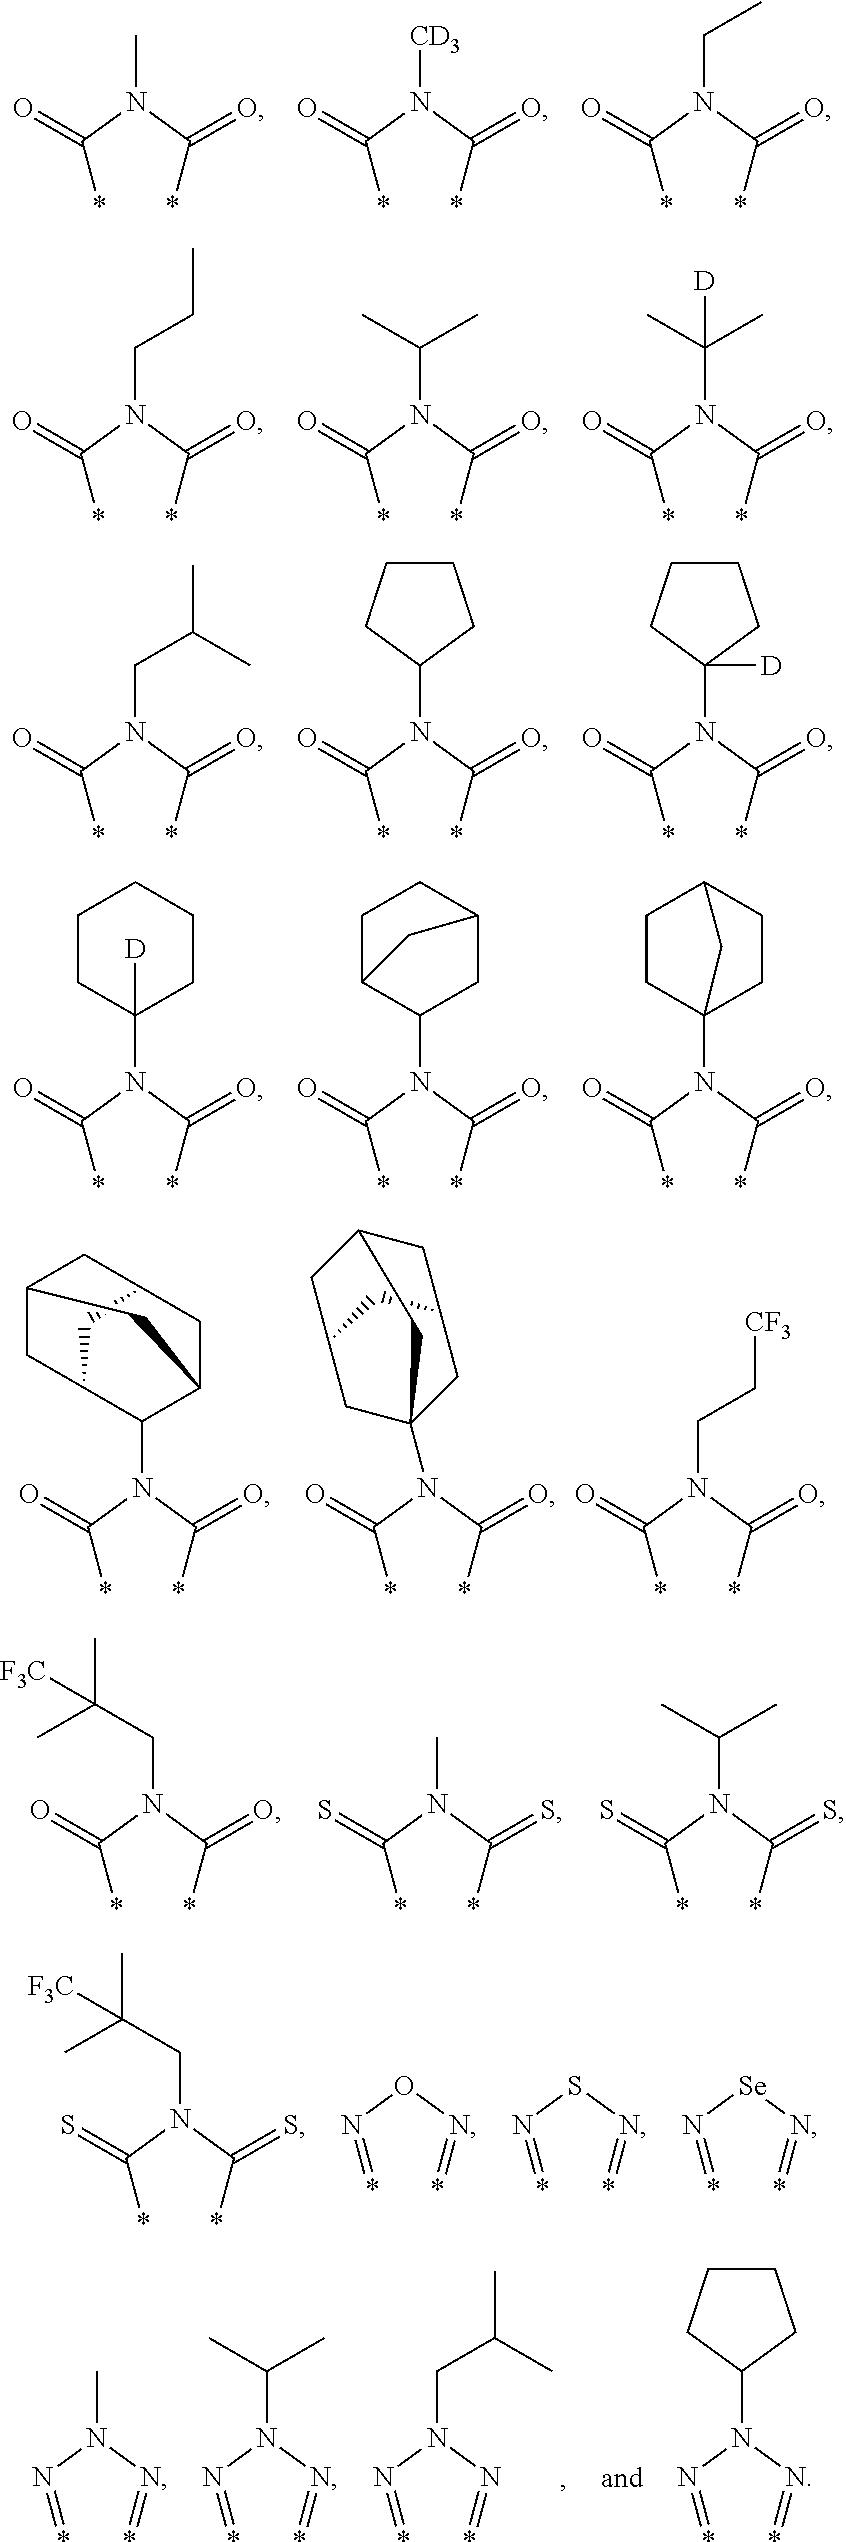 Figure US09929360-20180327-C00008